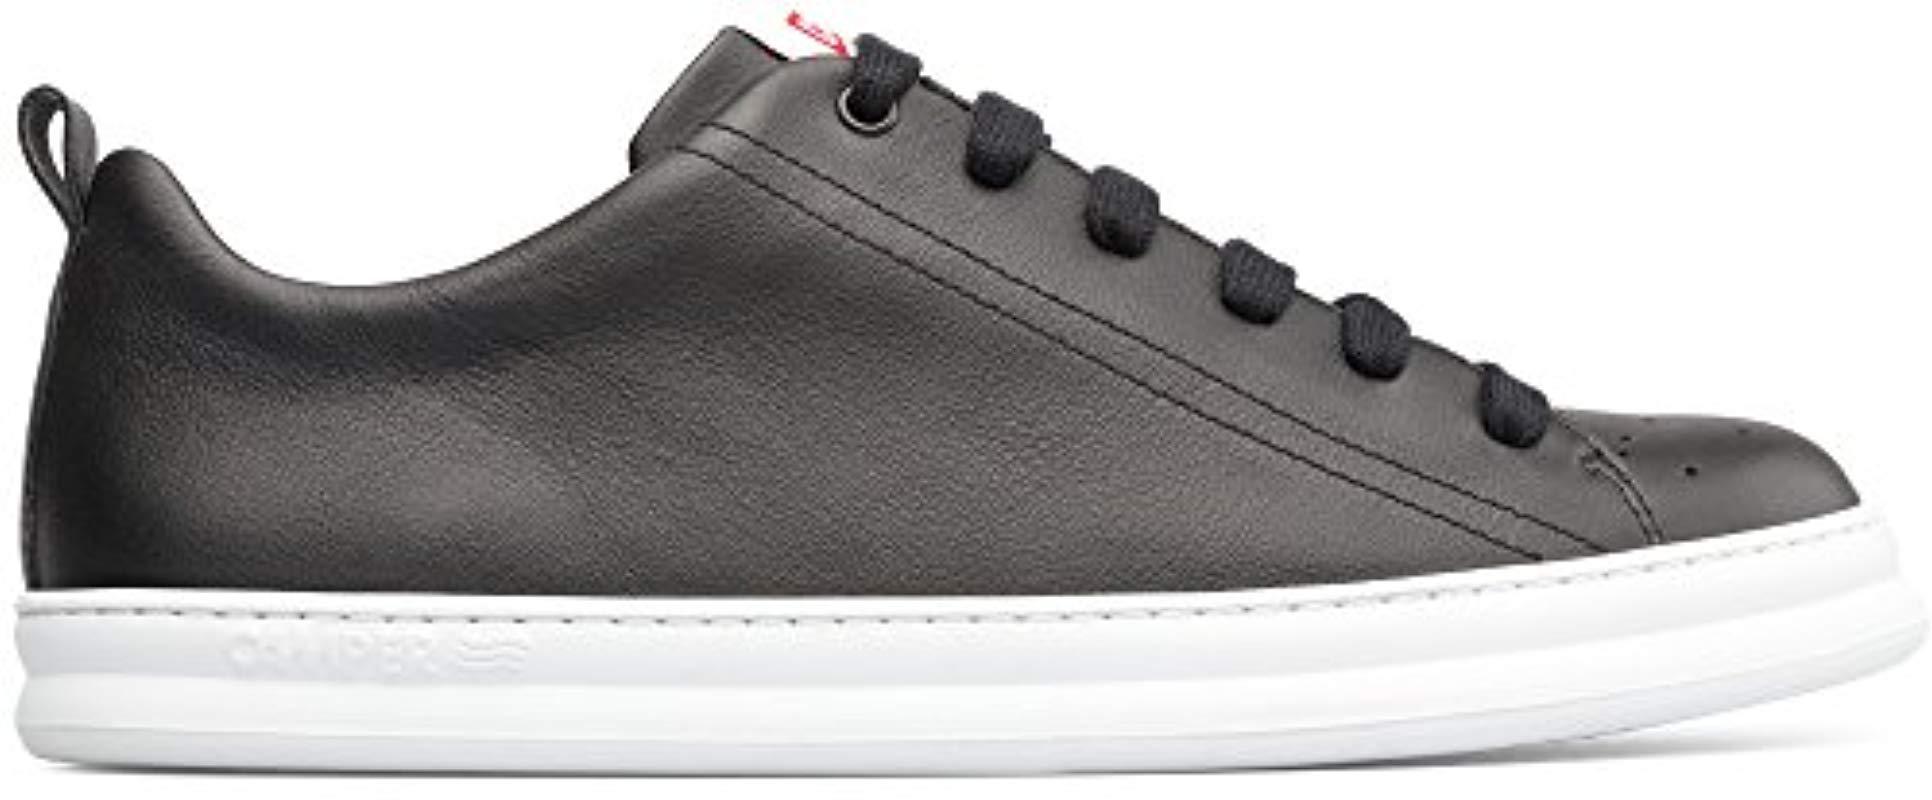 67e98d1173e091 Lyst - Camper Runner Four Fashion Sneaker in Black for Men - Save 24%